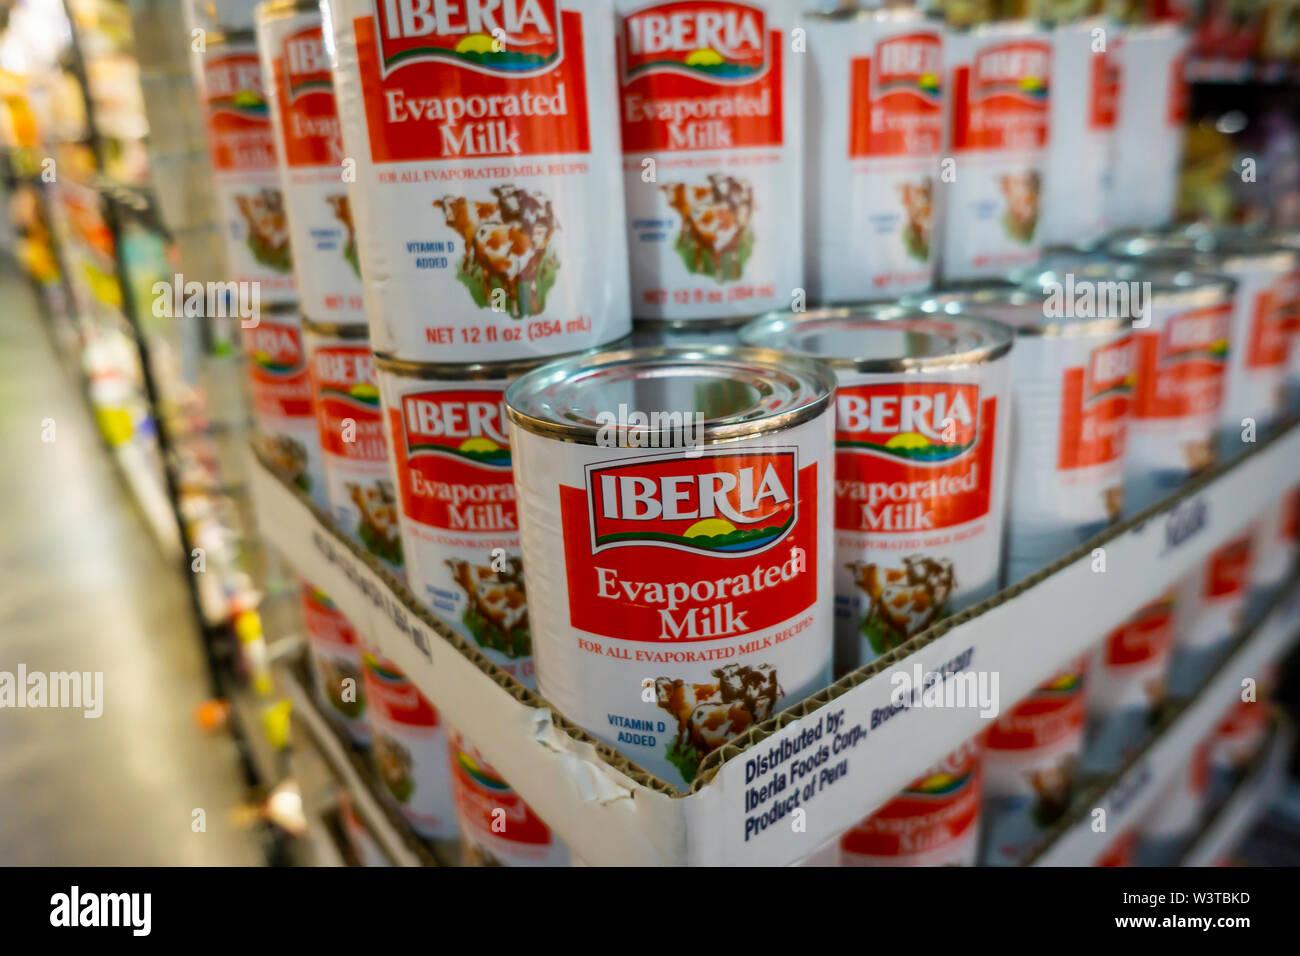 Las latas de leche evaporada marca Iberia en un supermercado en Nueva York el martes, 16 de julio de 2019. (© Richard B. Levine) Imagen De Stock